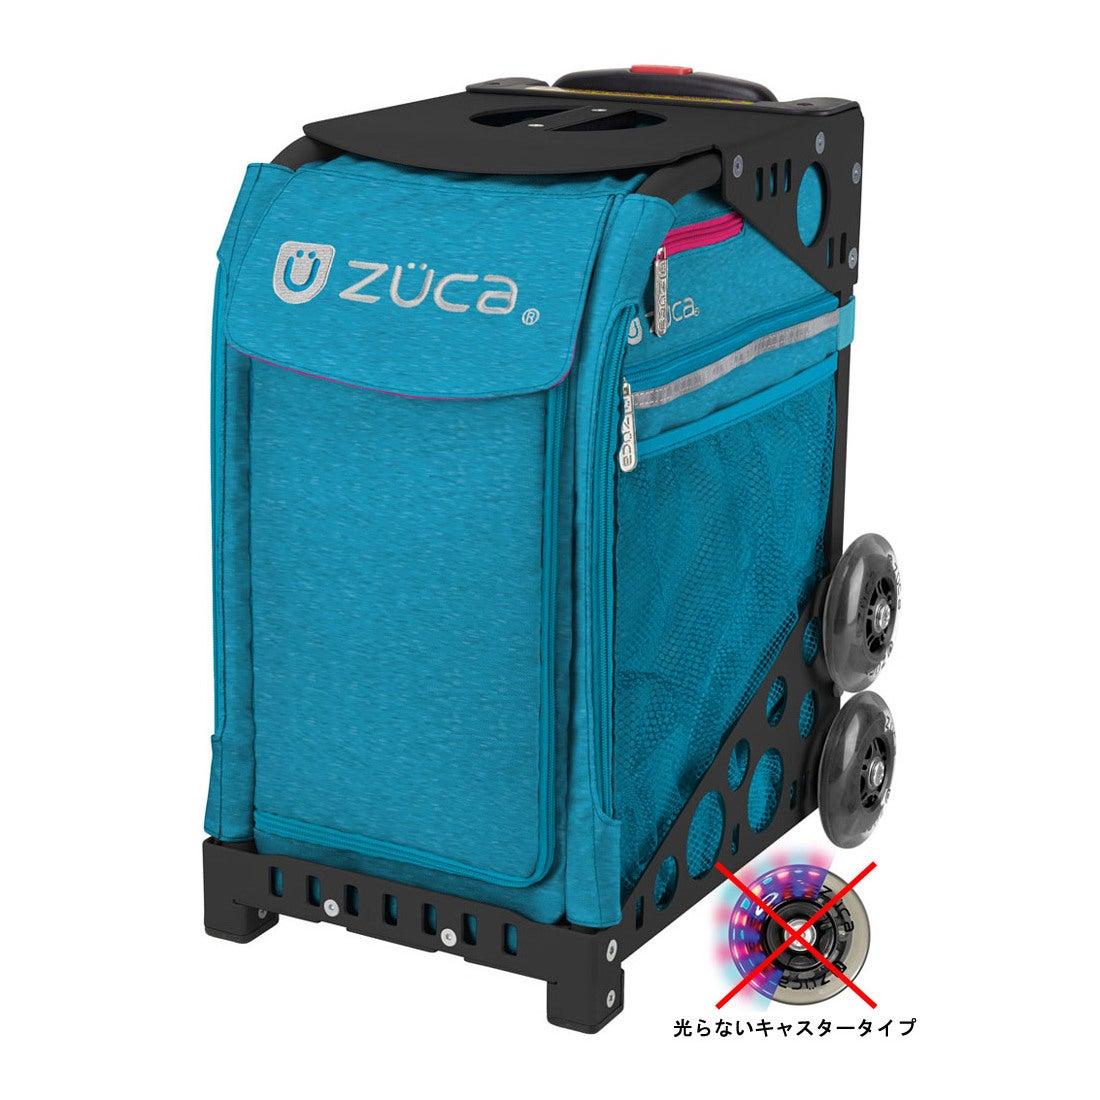 ロコンド 靴とファッションの通販サイト【SAC'SBAR】ZUCASportキャリーケースBeachyBlue403Black(NonFlashWheel)